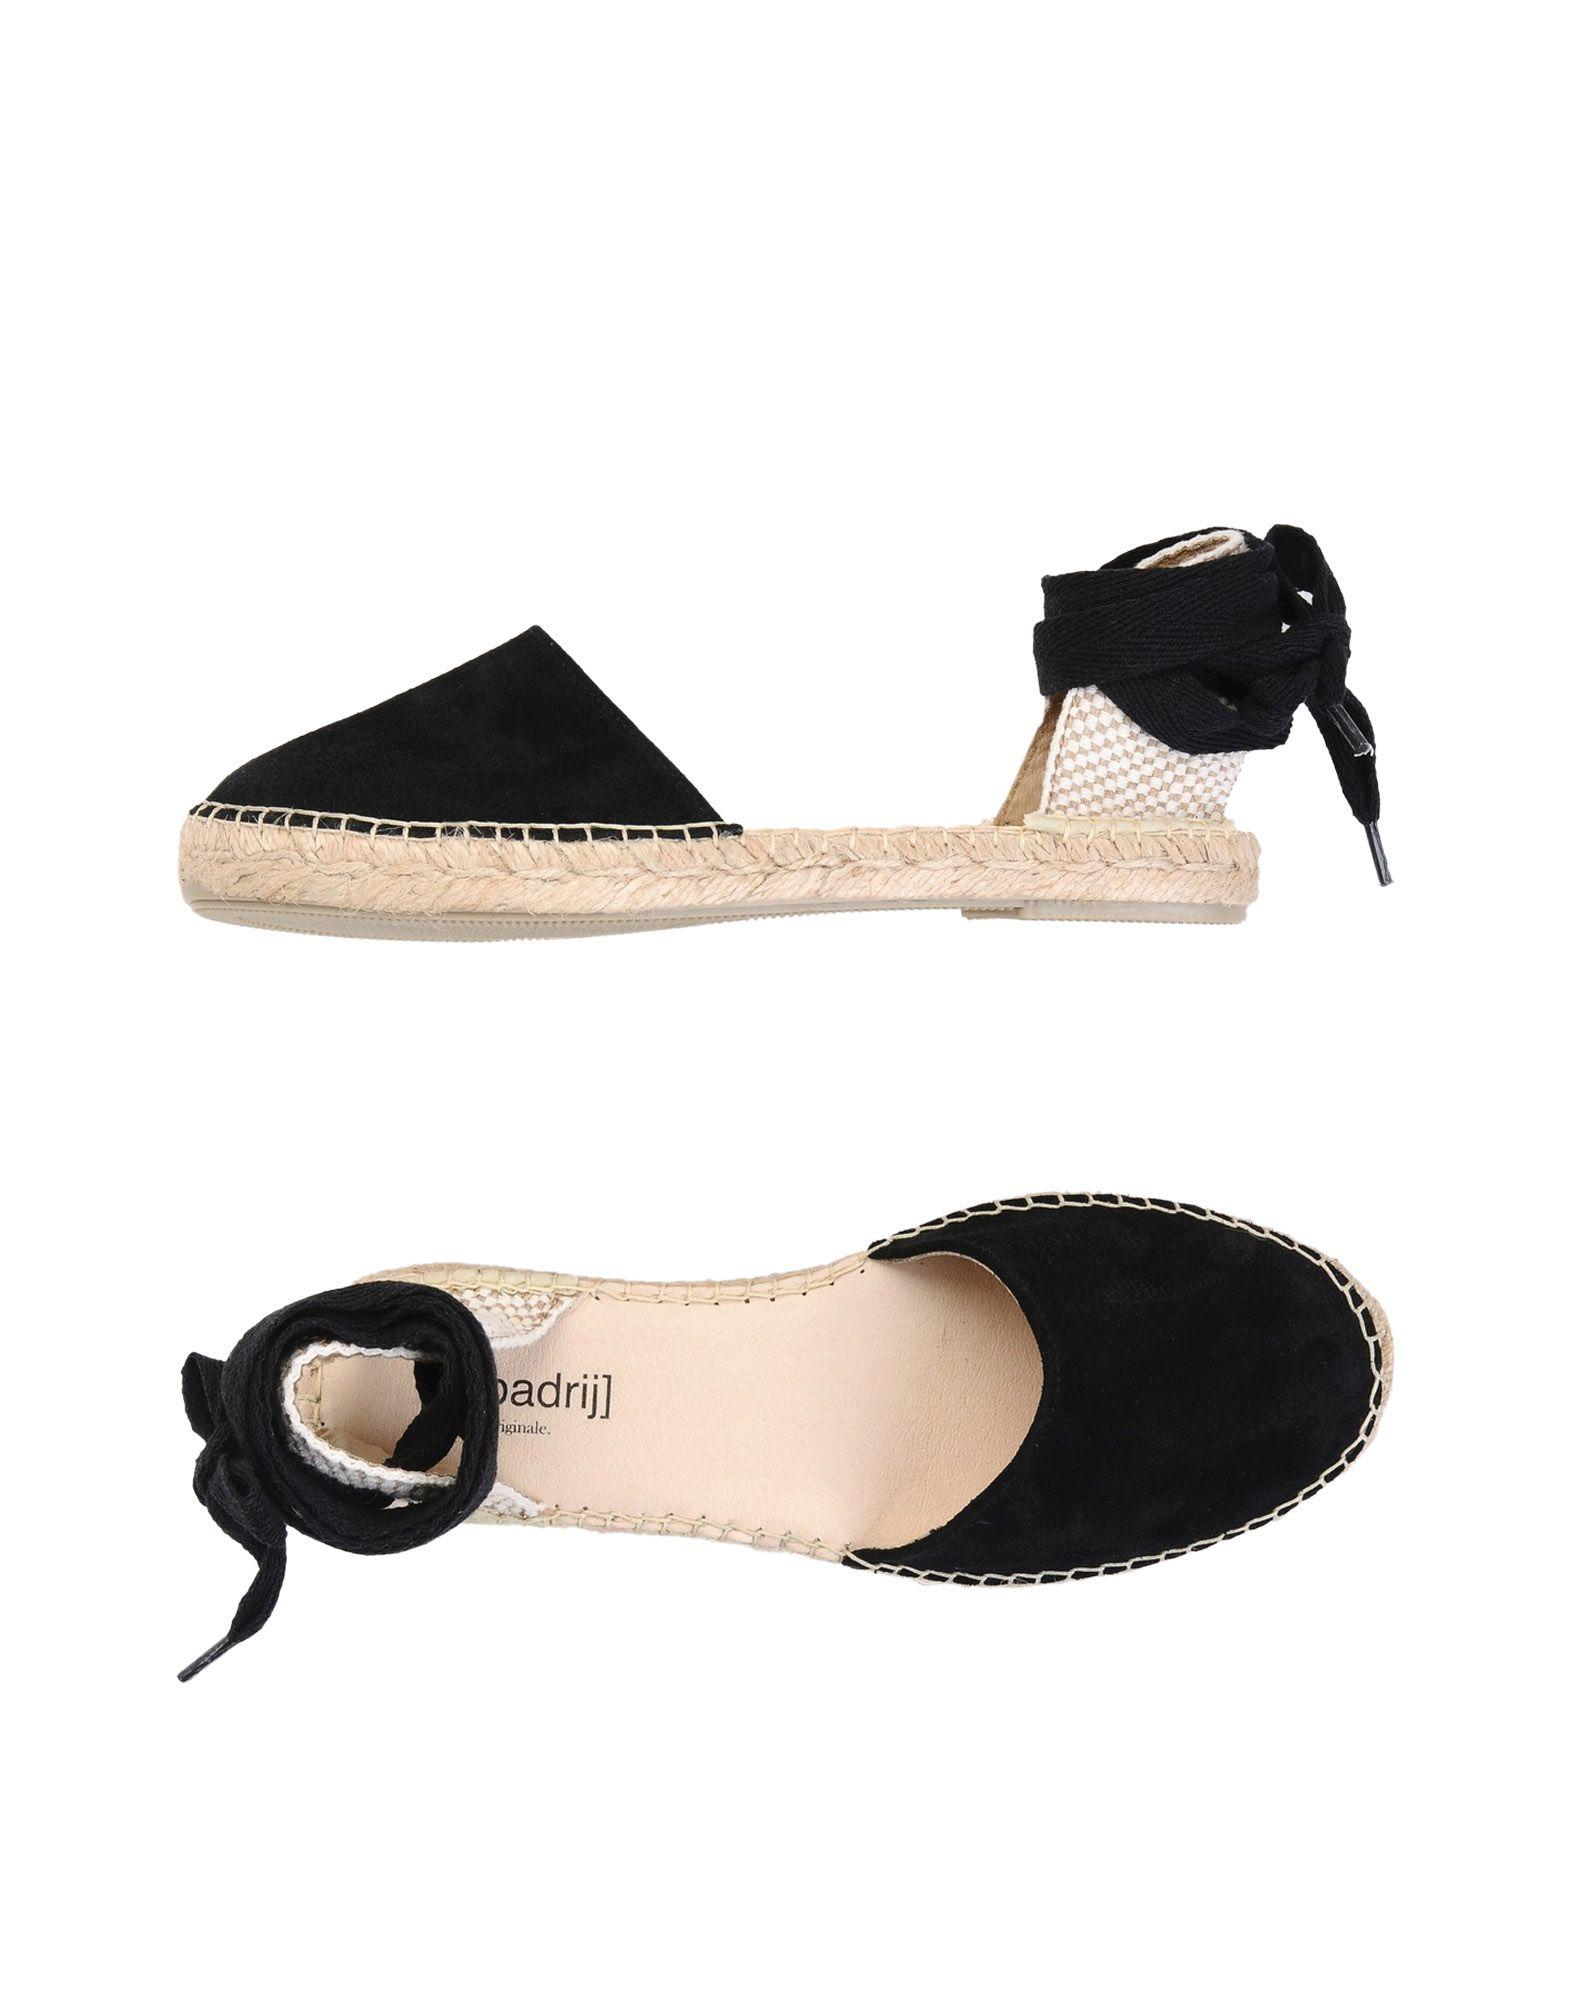 [Espadrij] Pyrenees 1 Lacet Velour  11454422PH Gute Qualität beliebte Schuhe